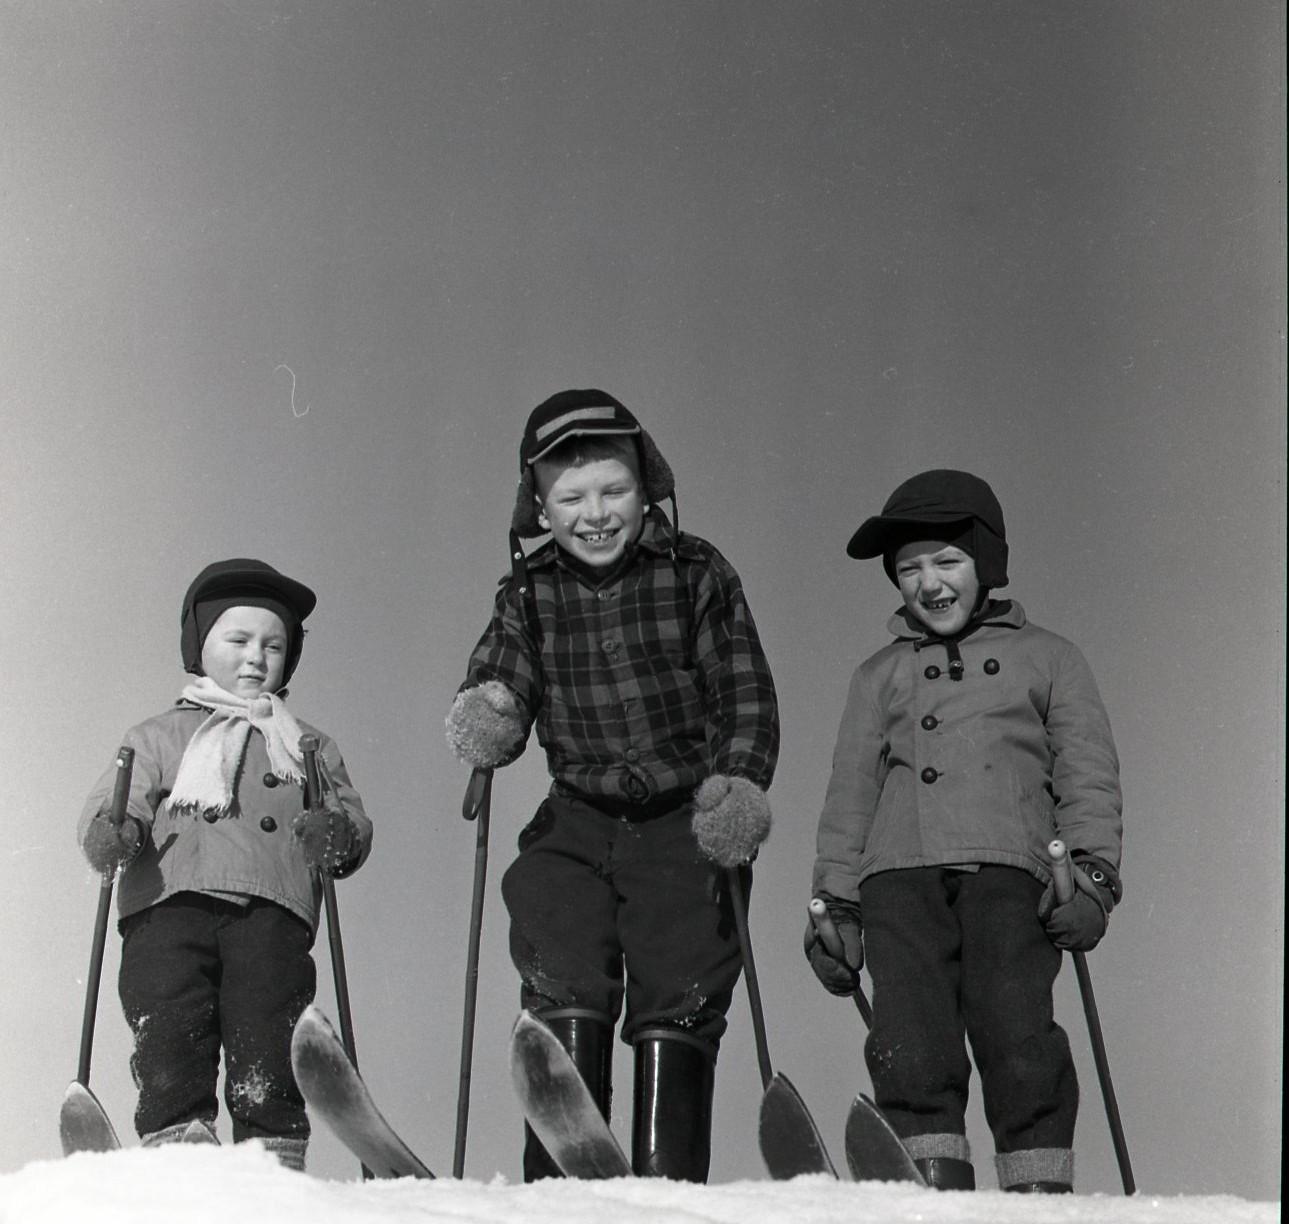 Skidåkande bygrabbar i åbrinkarna 11 februari 1959 Foto: Hilding Mickelsson